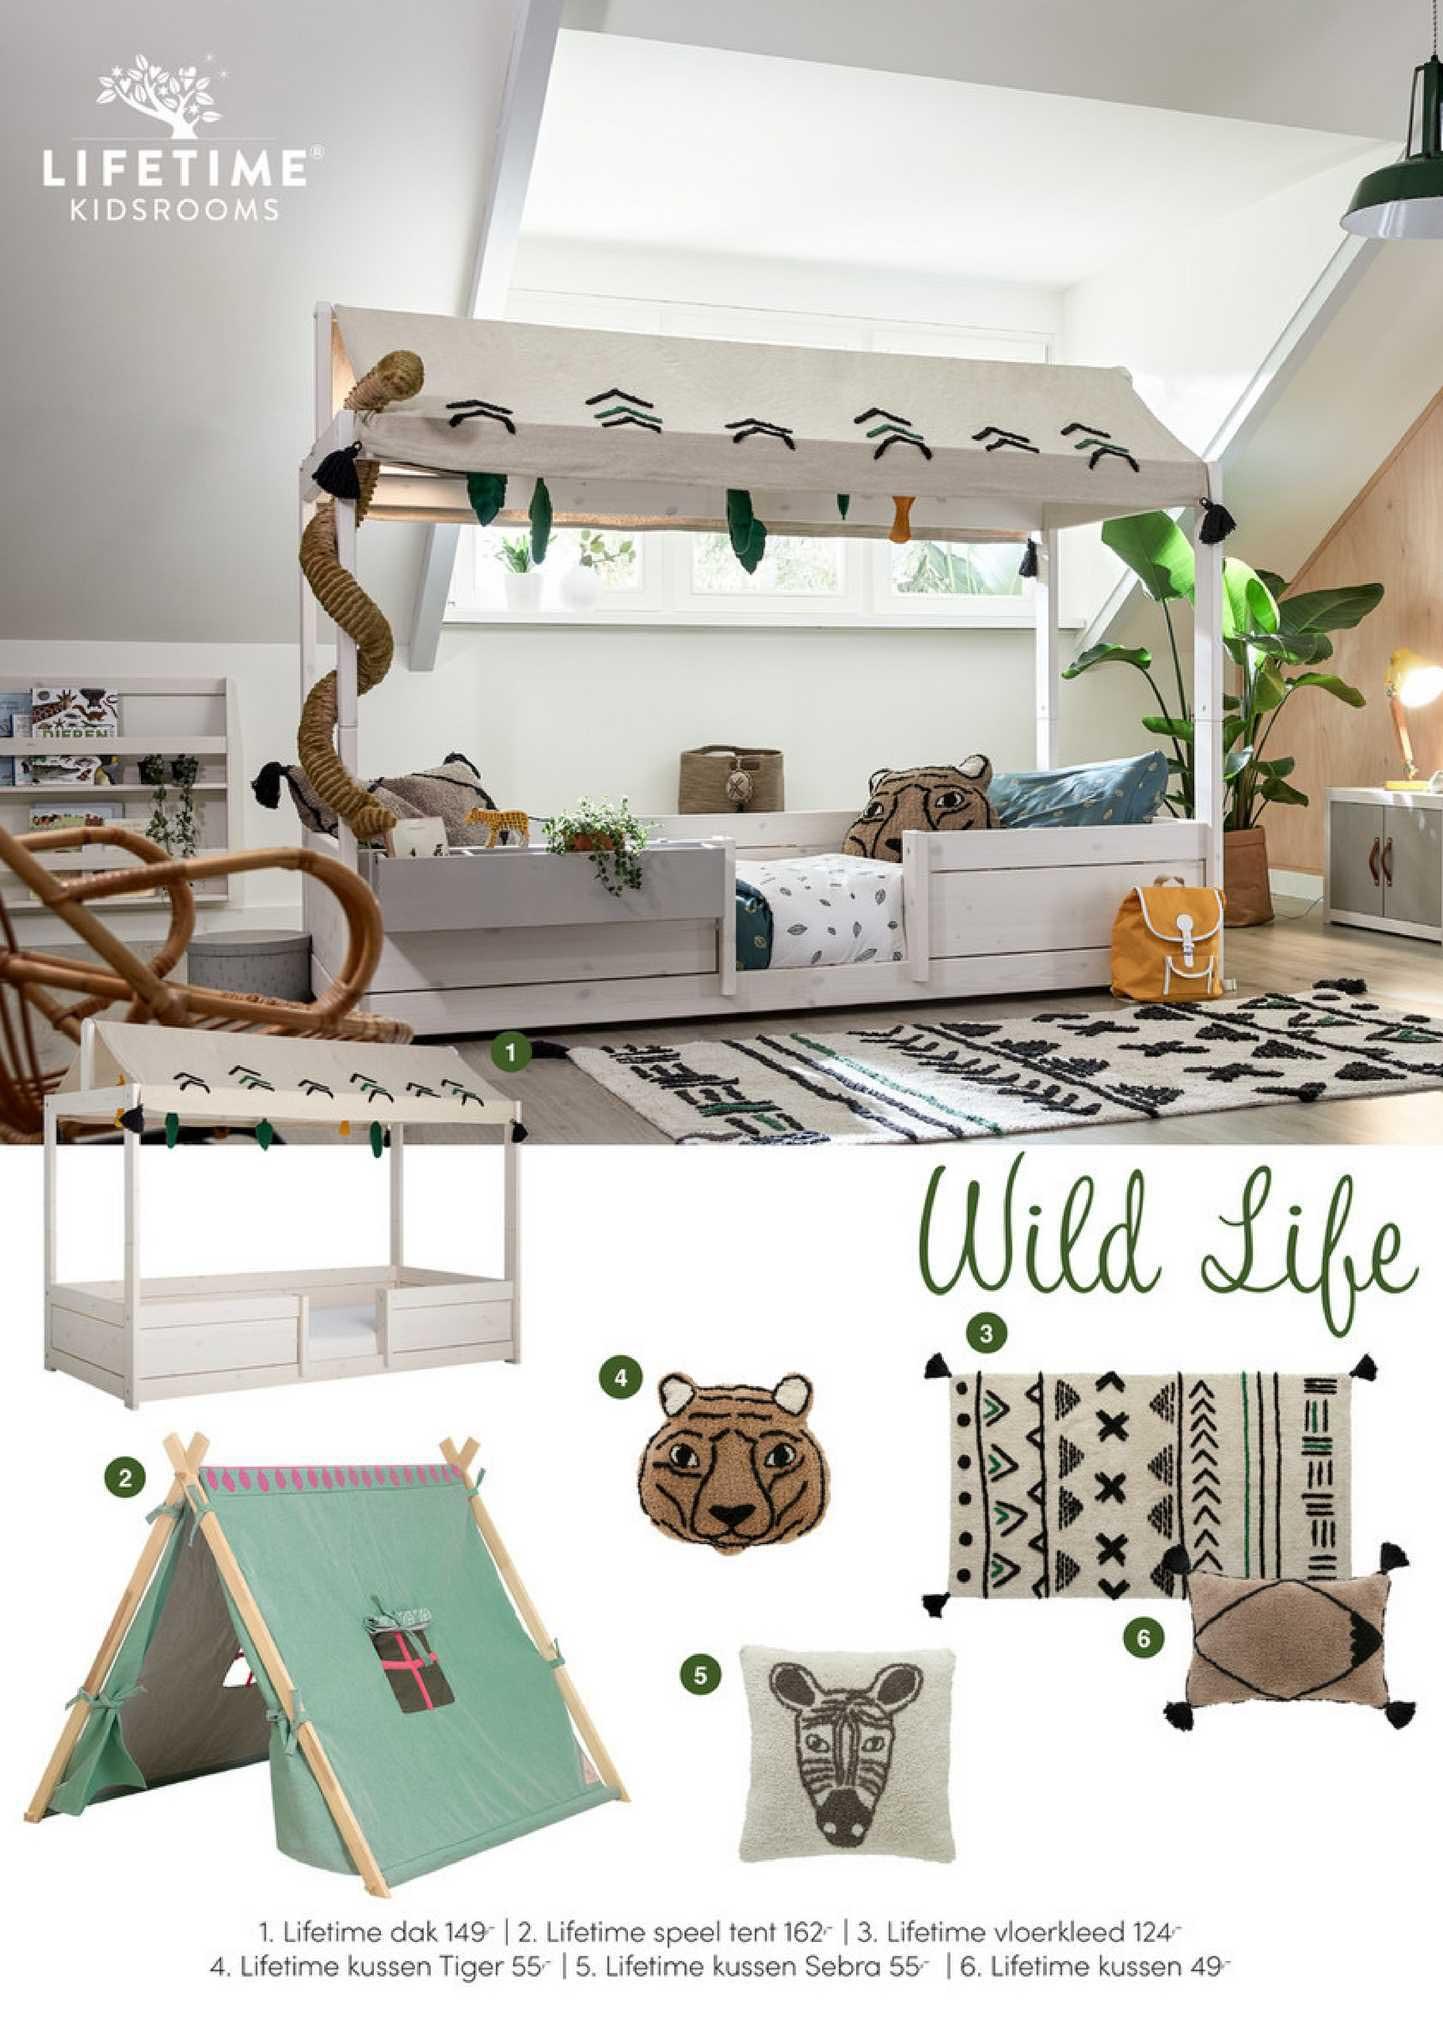 Baby & Tiener Lifetime Dak, Lifetime Speel Tent, Lifetime Vloerkleed, Lifetime Kussen Tiger, Lifetime Kussen Sebra Of Lifetime Kussen